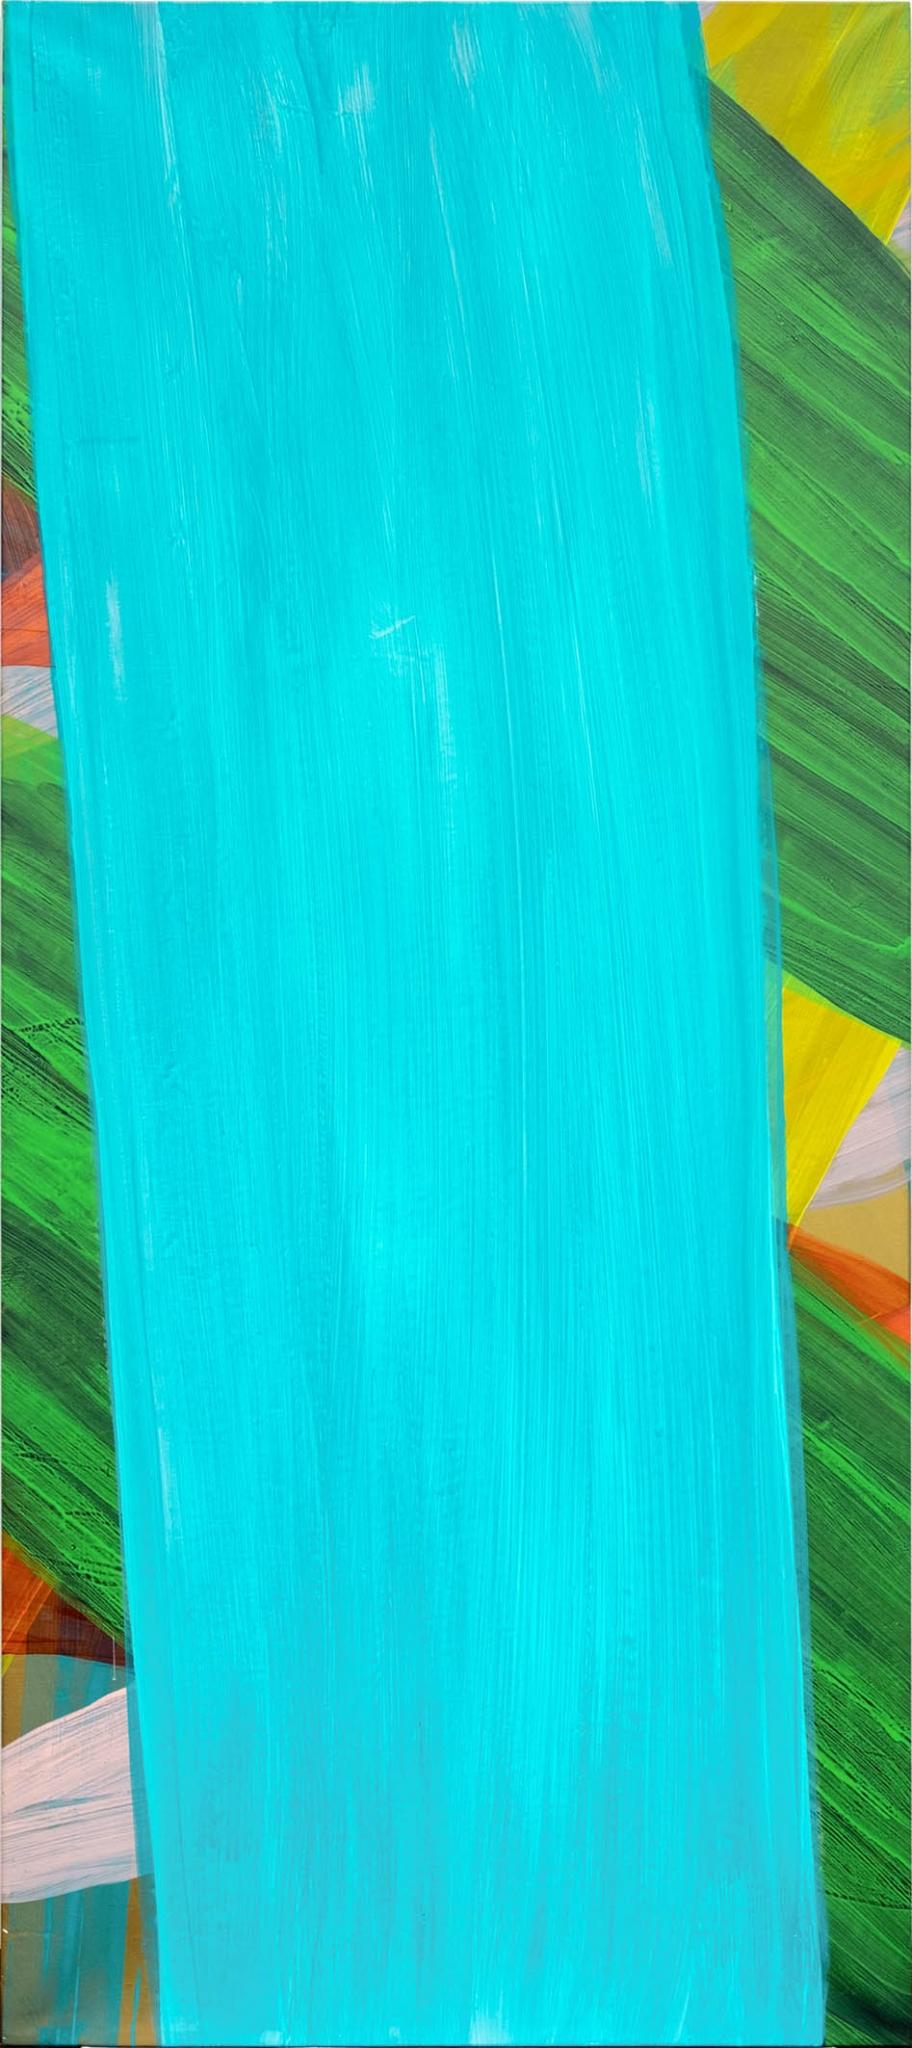 Katharina Grosse, o.T., 2004, Acryl auf Leinwand, 220 x 98 cm